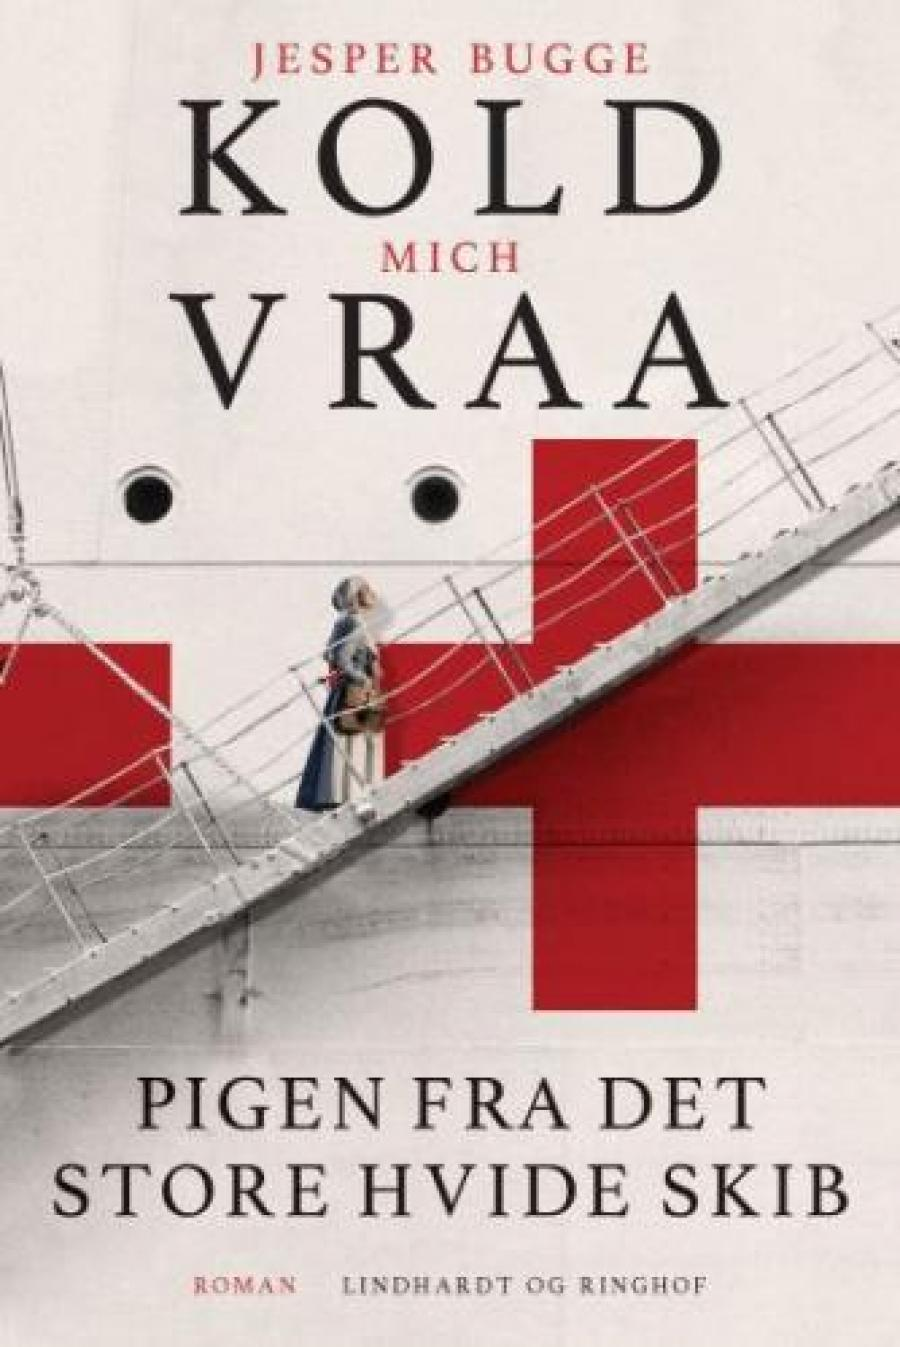 Forside af bogen Pigen fra det store hvide skib